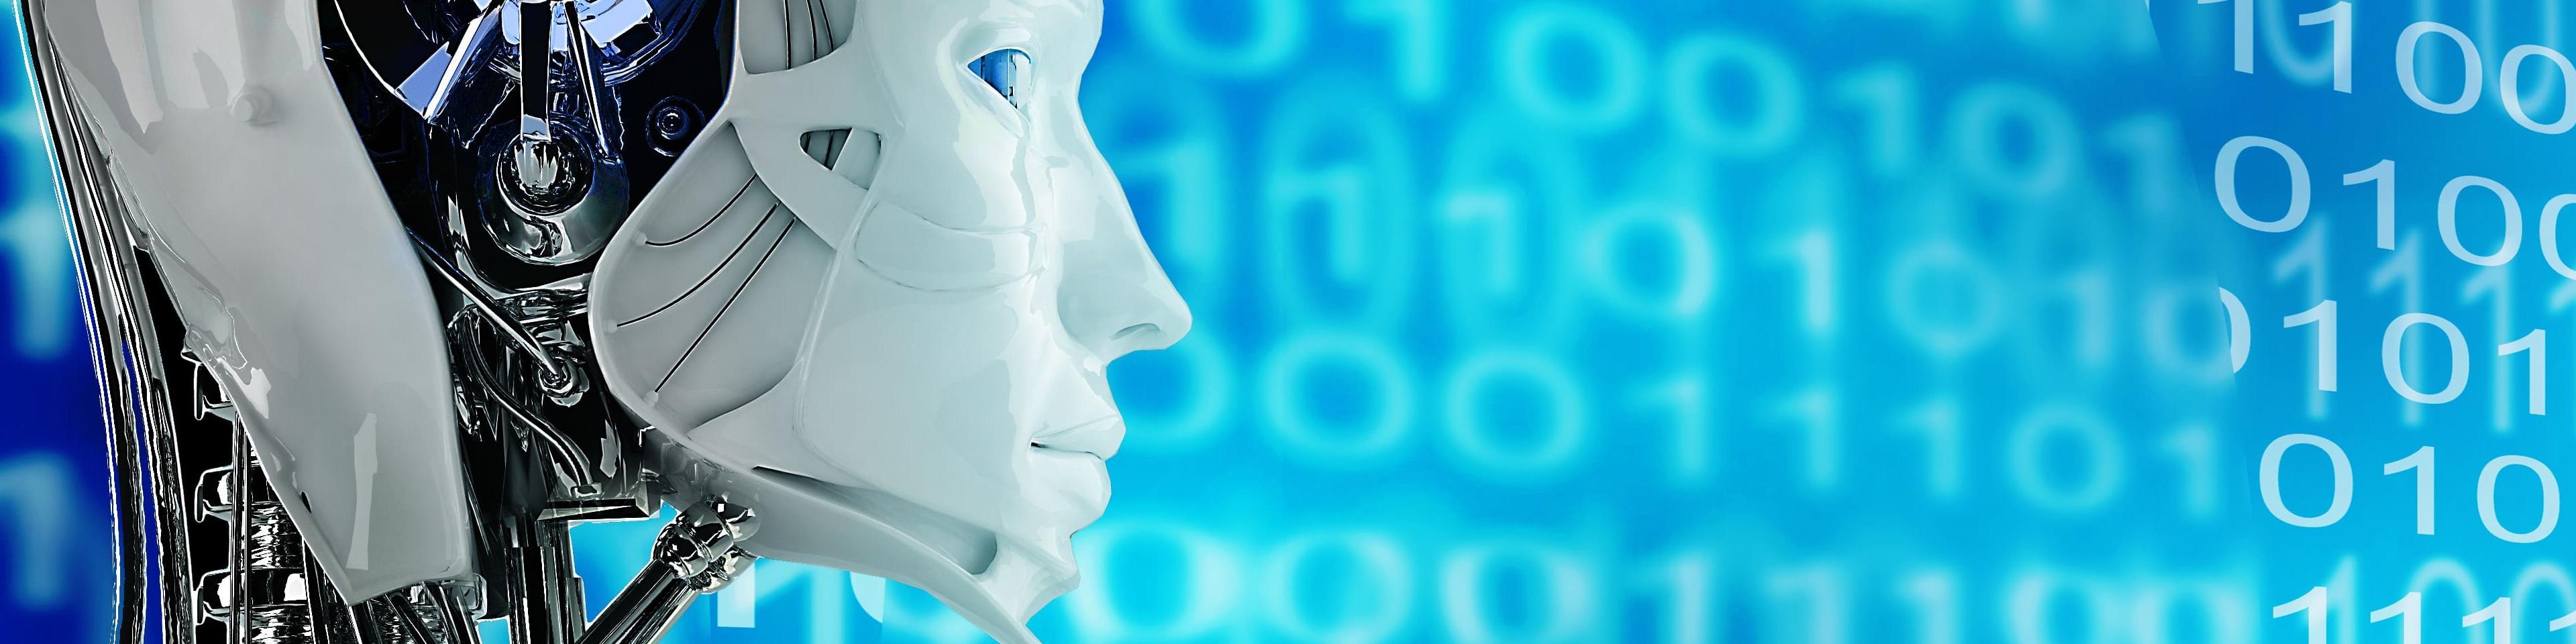 robot met binaire getallen op de achtergrond